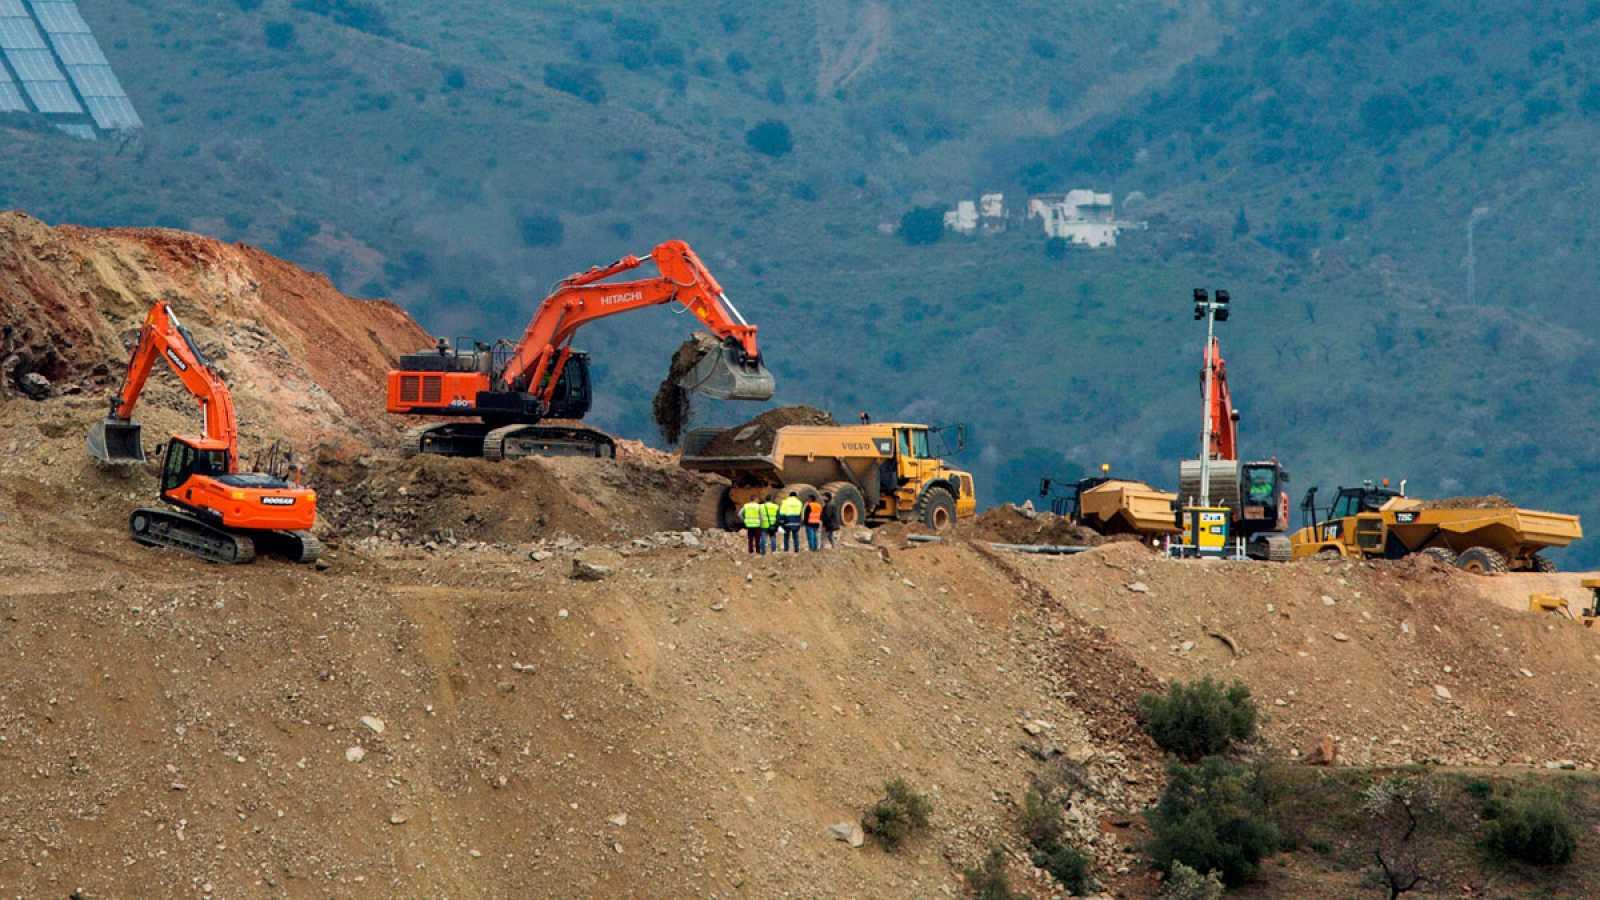 La perforación del túnel paralelo al pozo que cayó Julen se encuentra a siete metros